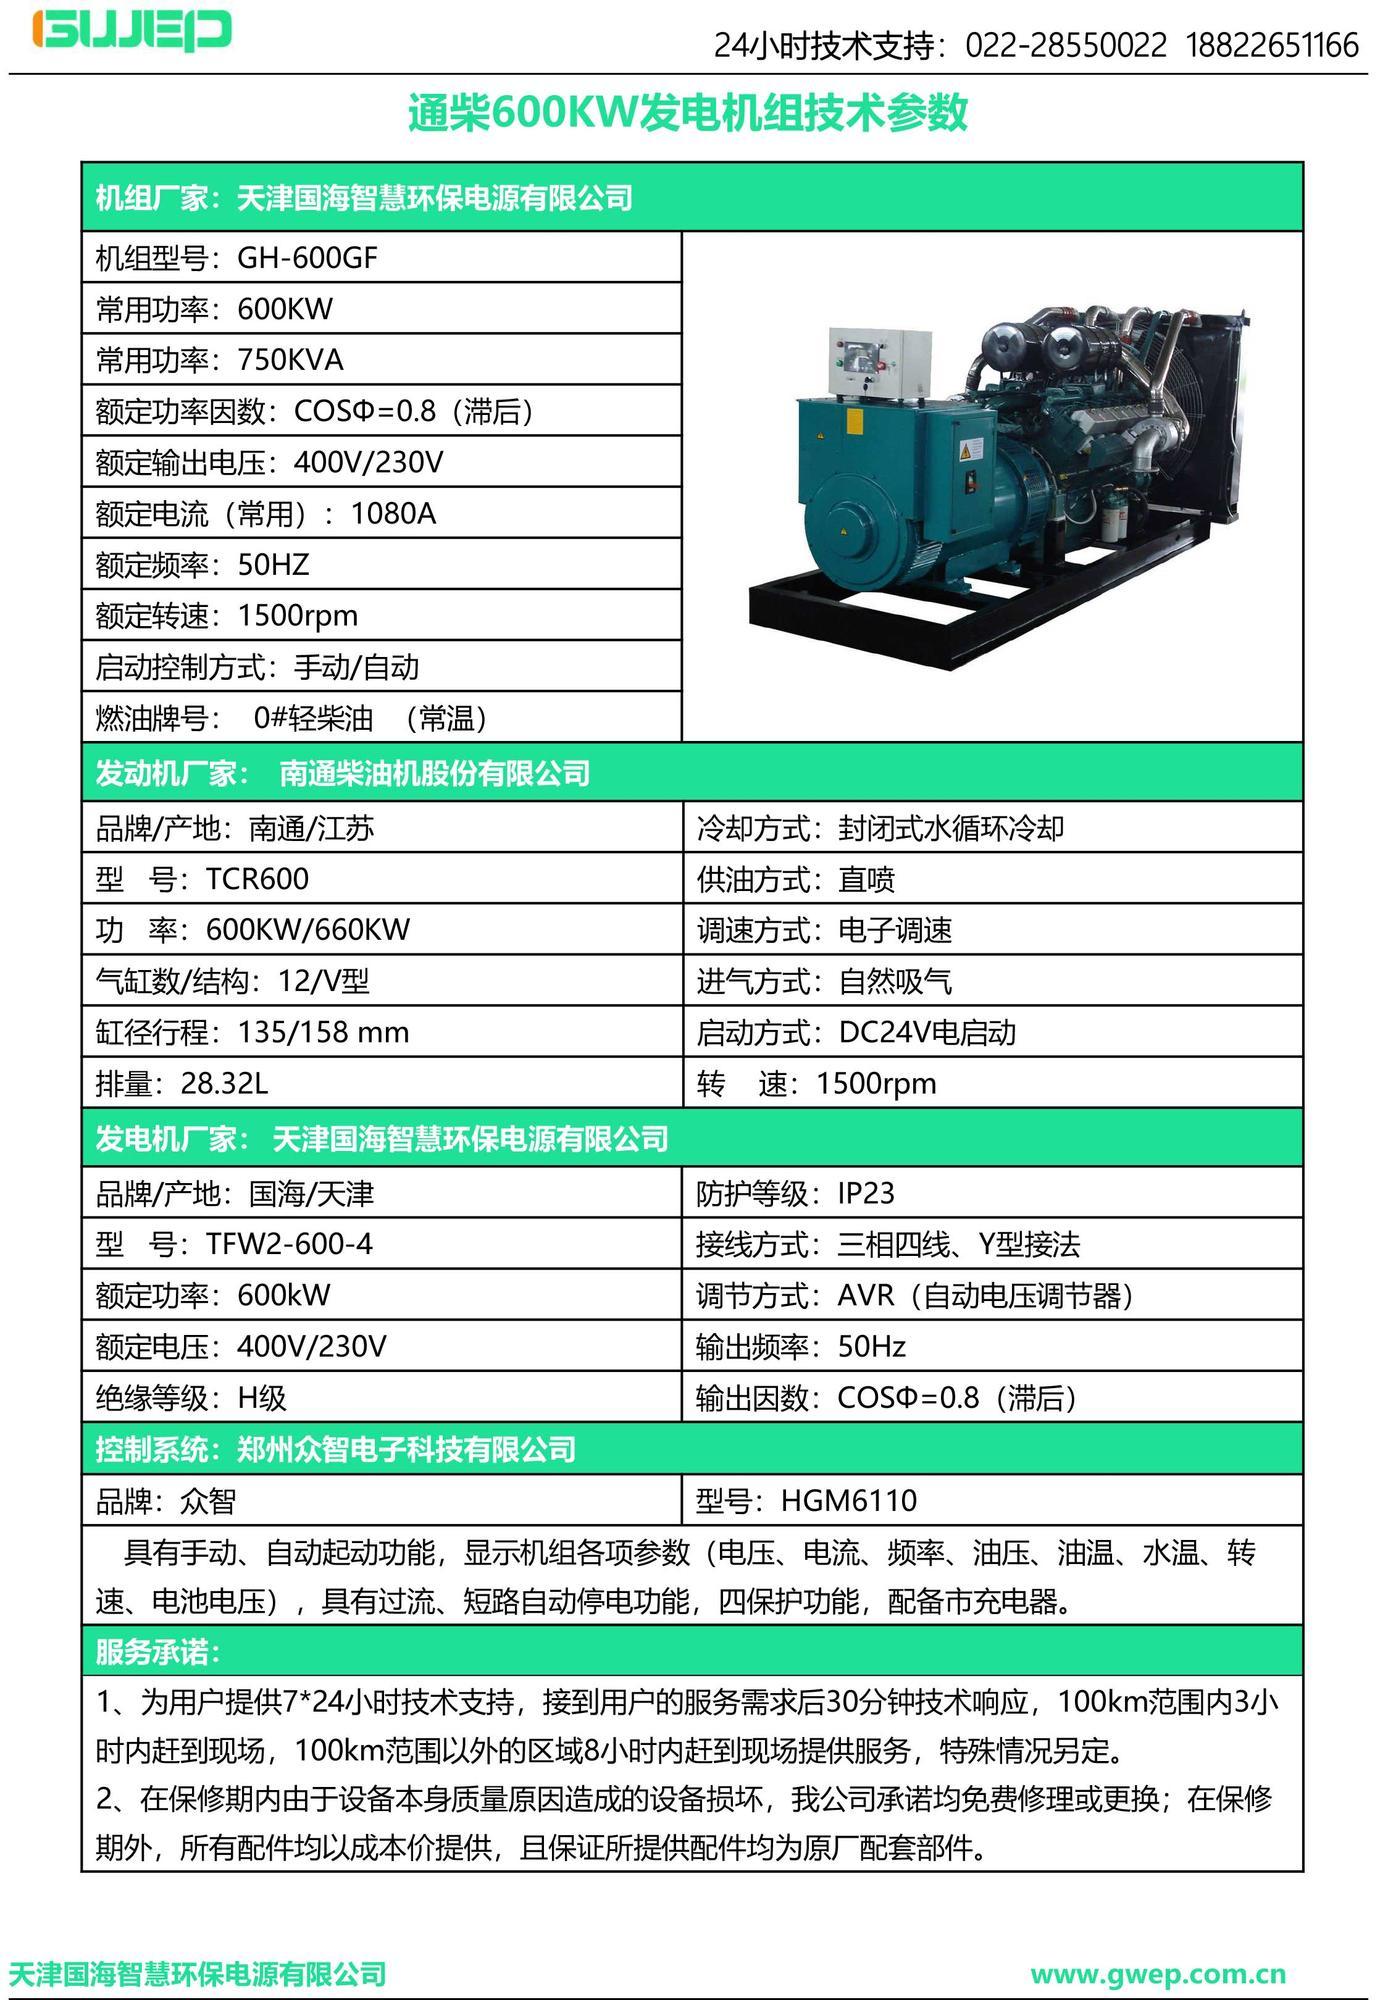 通柴600KW发电机组技术资料-2 - 副本.jpg